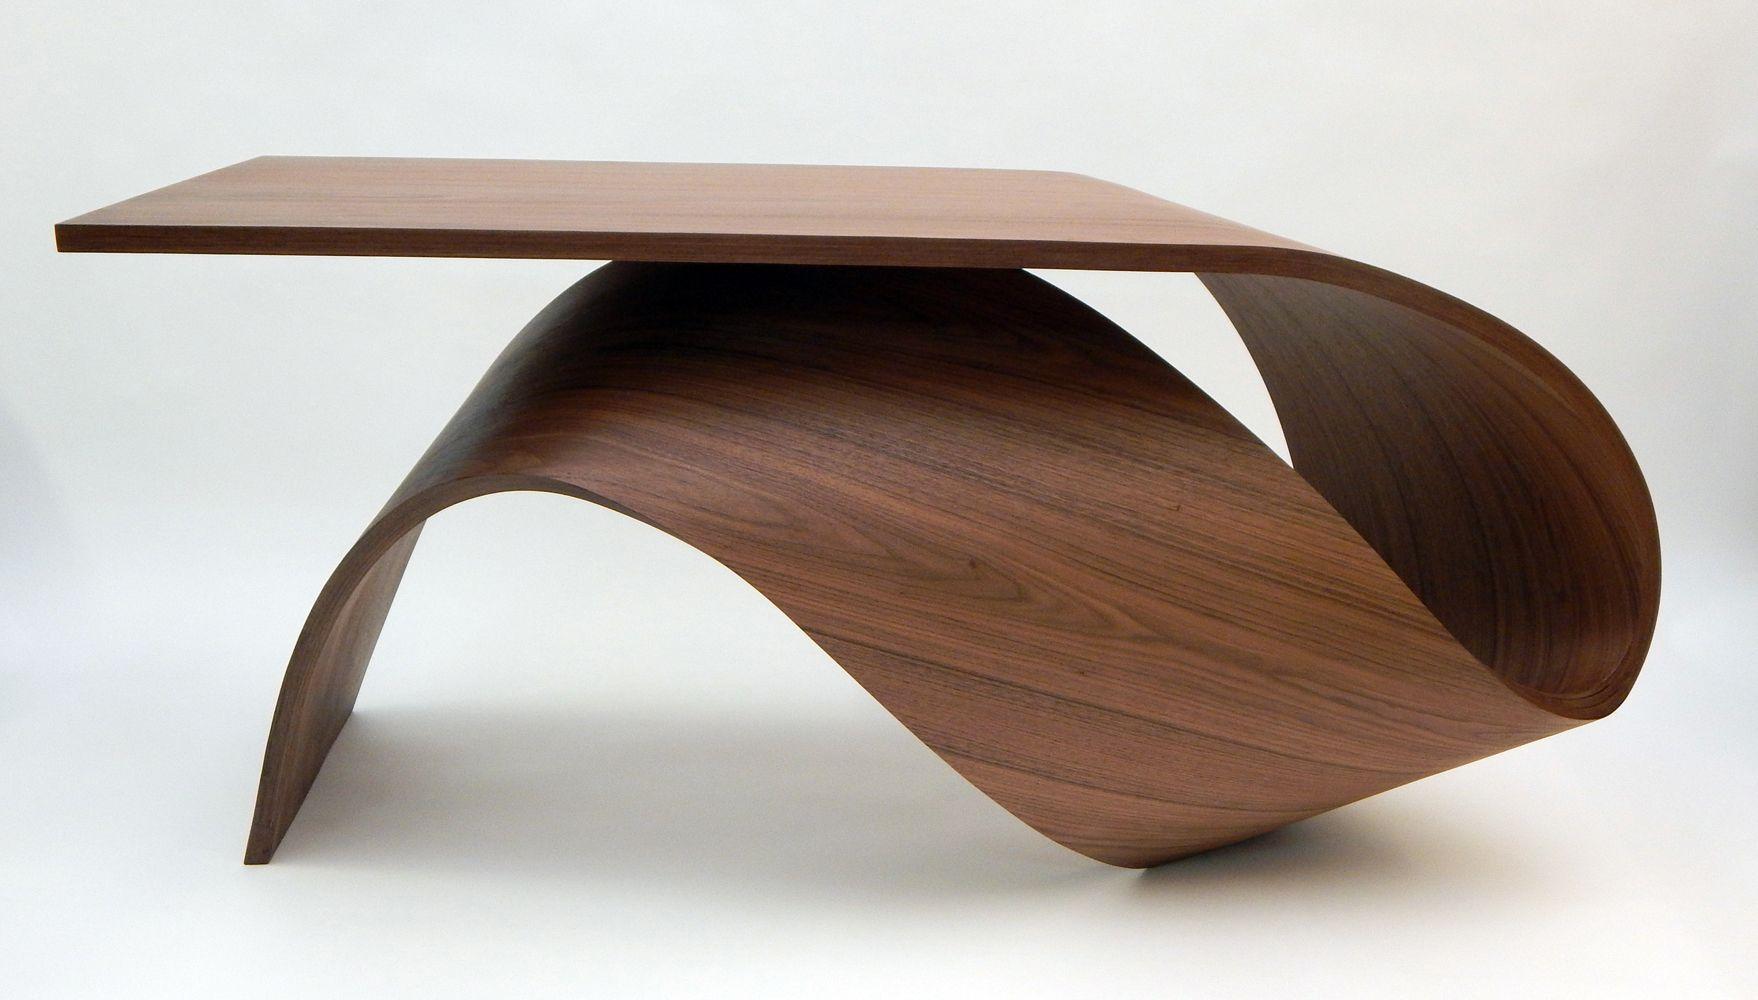 Bedside Table Design Curved Wood Furniture Design Www Pixshark Com Images